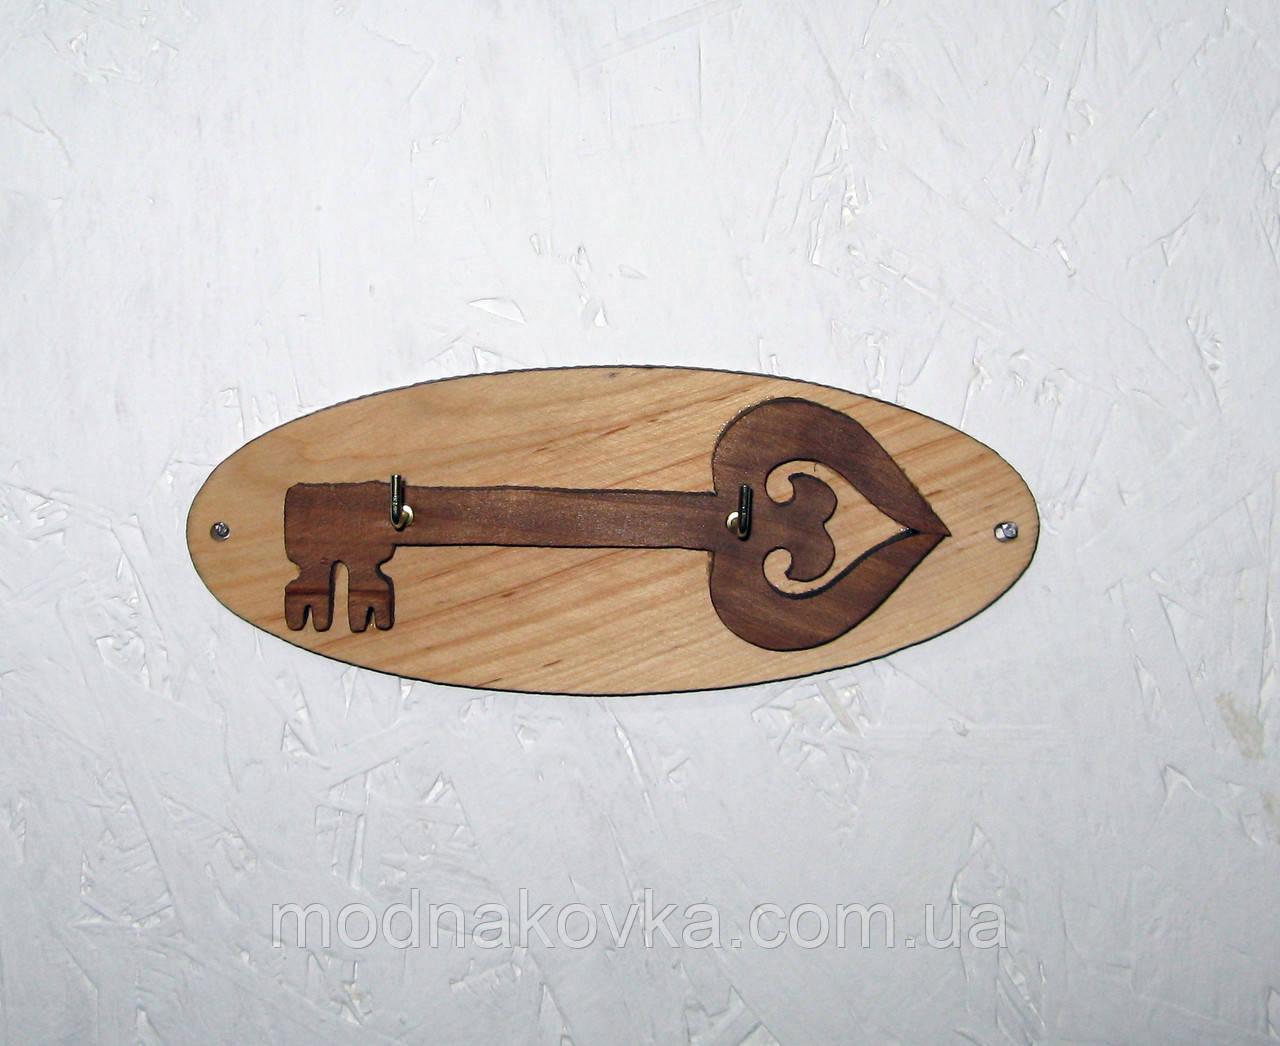 Ключница деревянная Ключик на 2 крючка